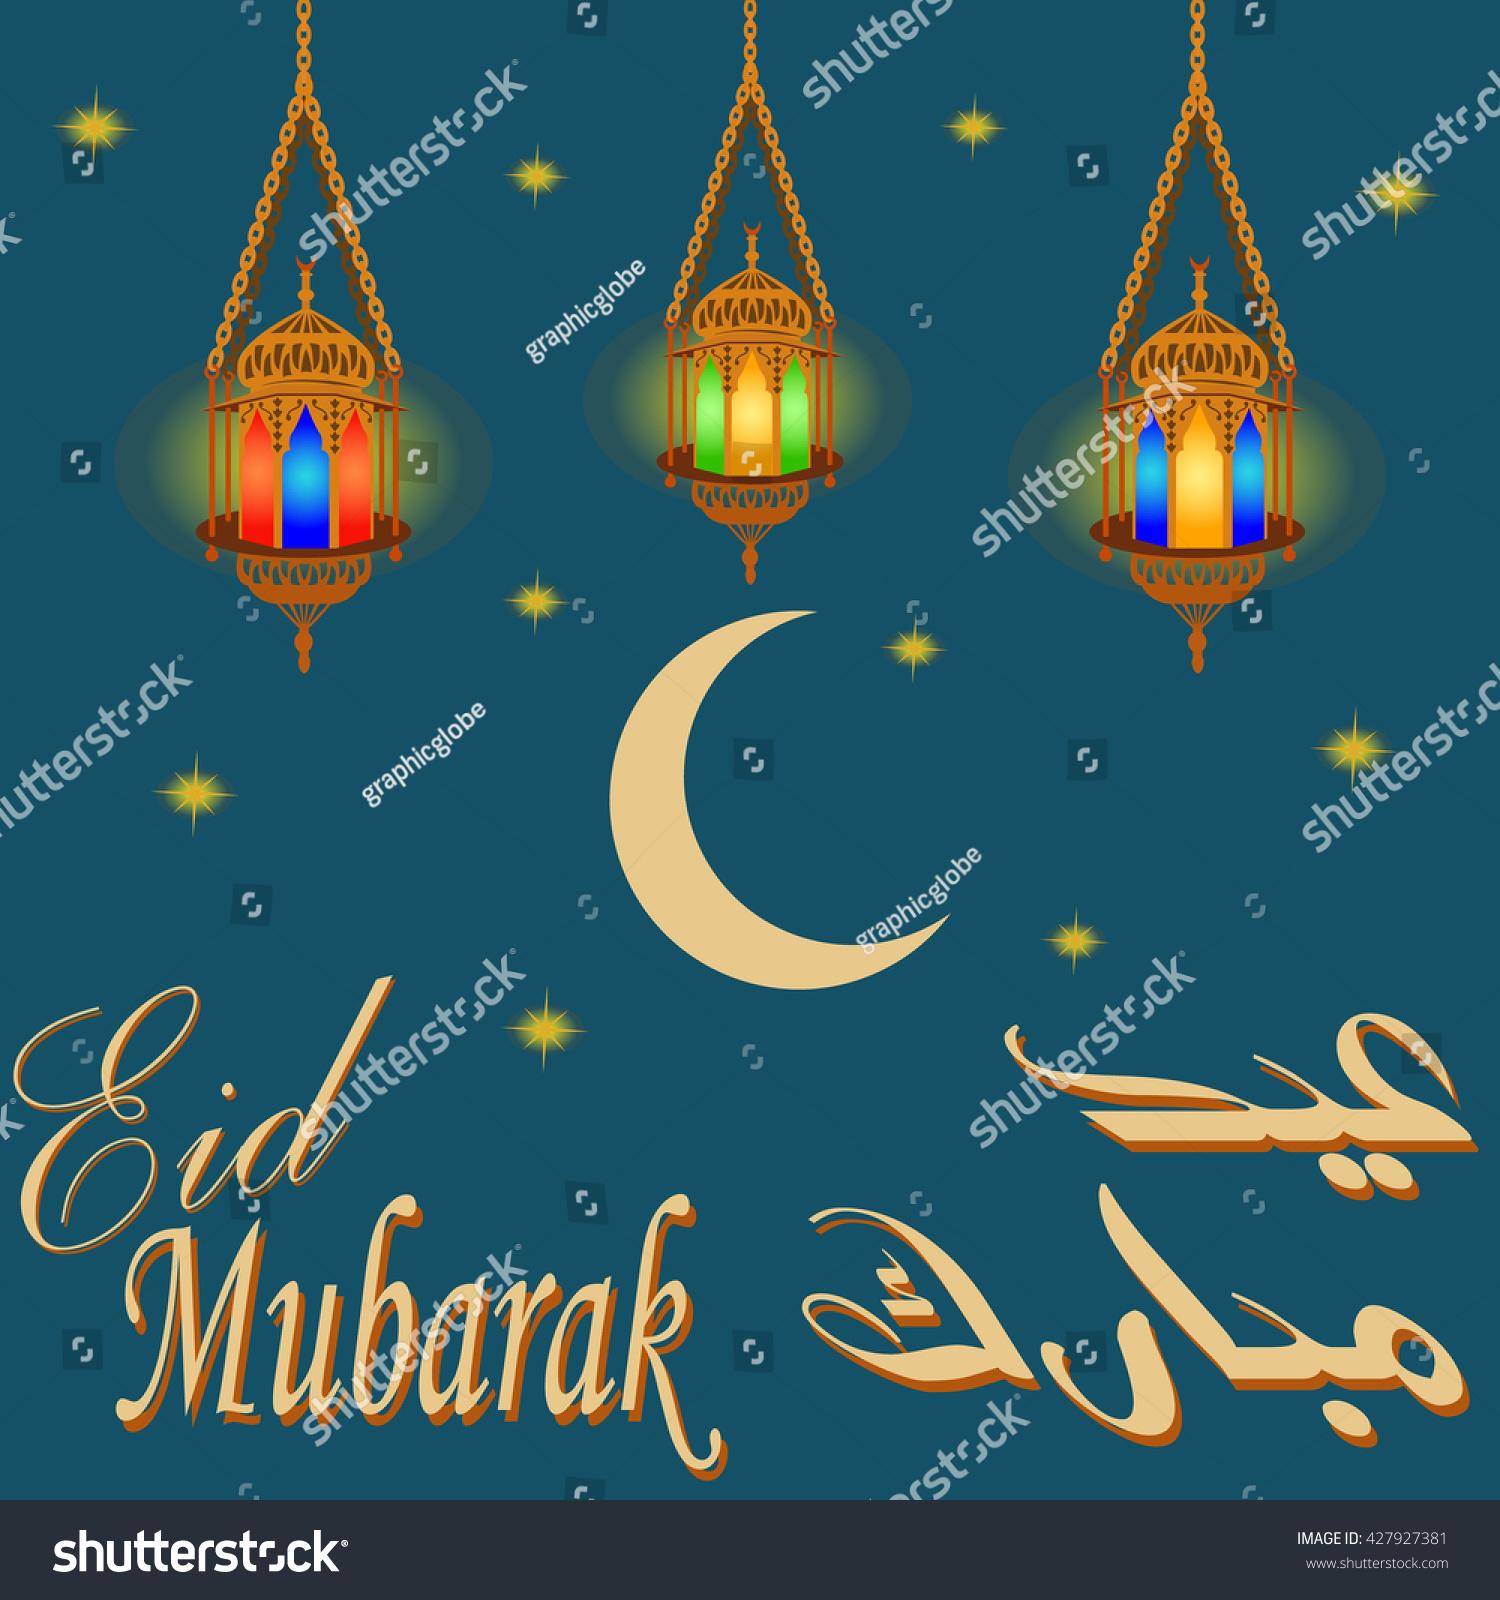 Eid Mubarak Greeting Lanterns English Arabic Stock Vector Royalty